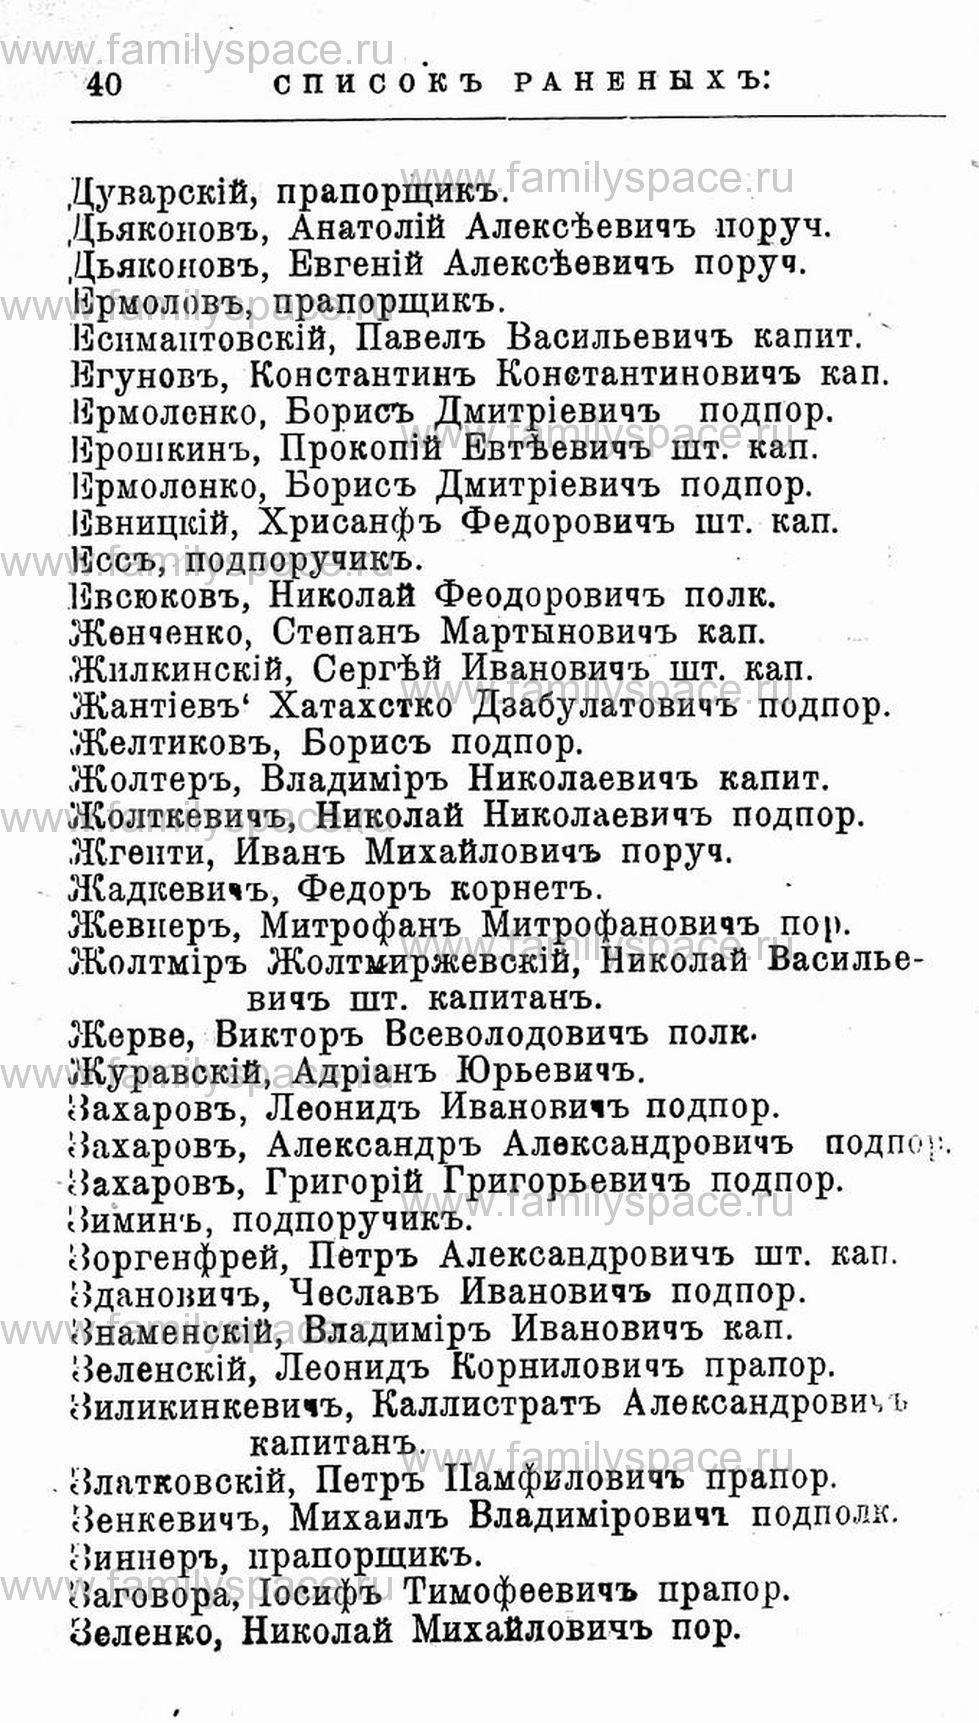 Поиск по фамилии - Первая мировая война - 1914 (списки убитых и раненых), страница 40